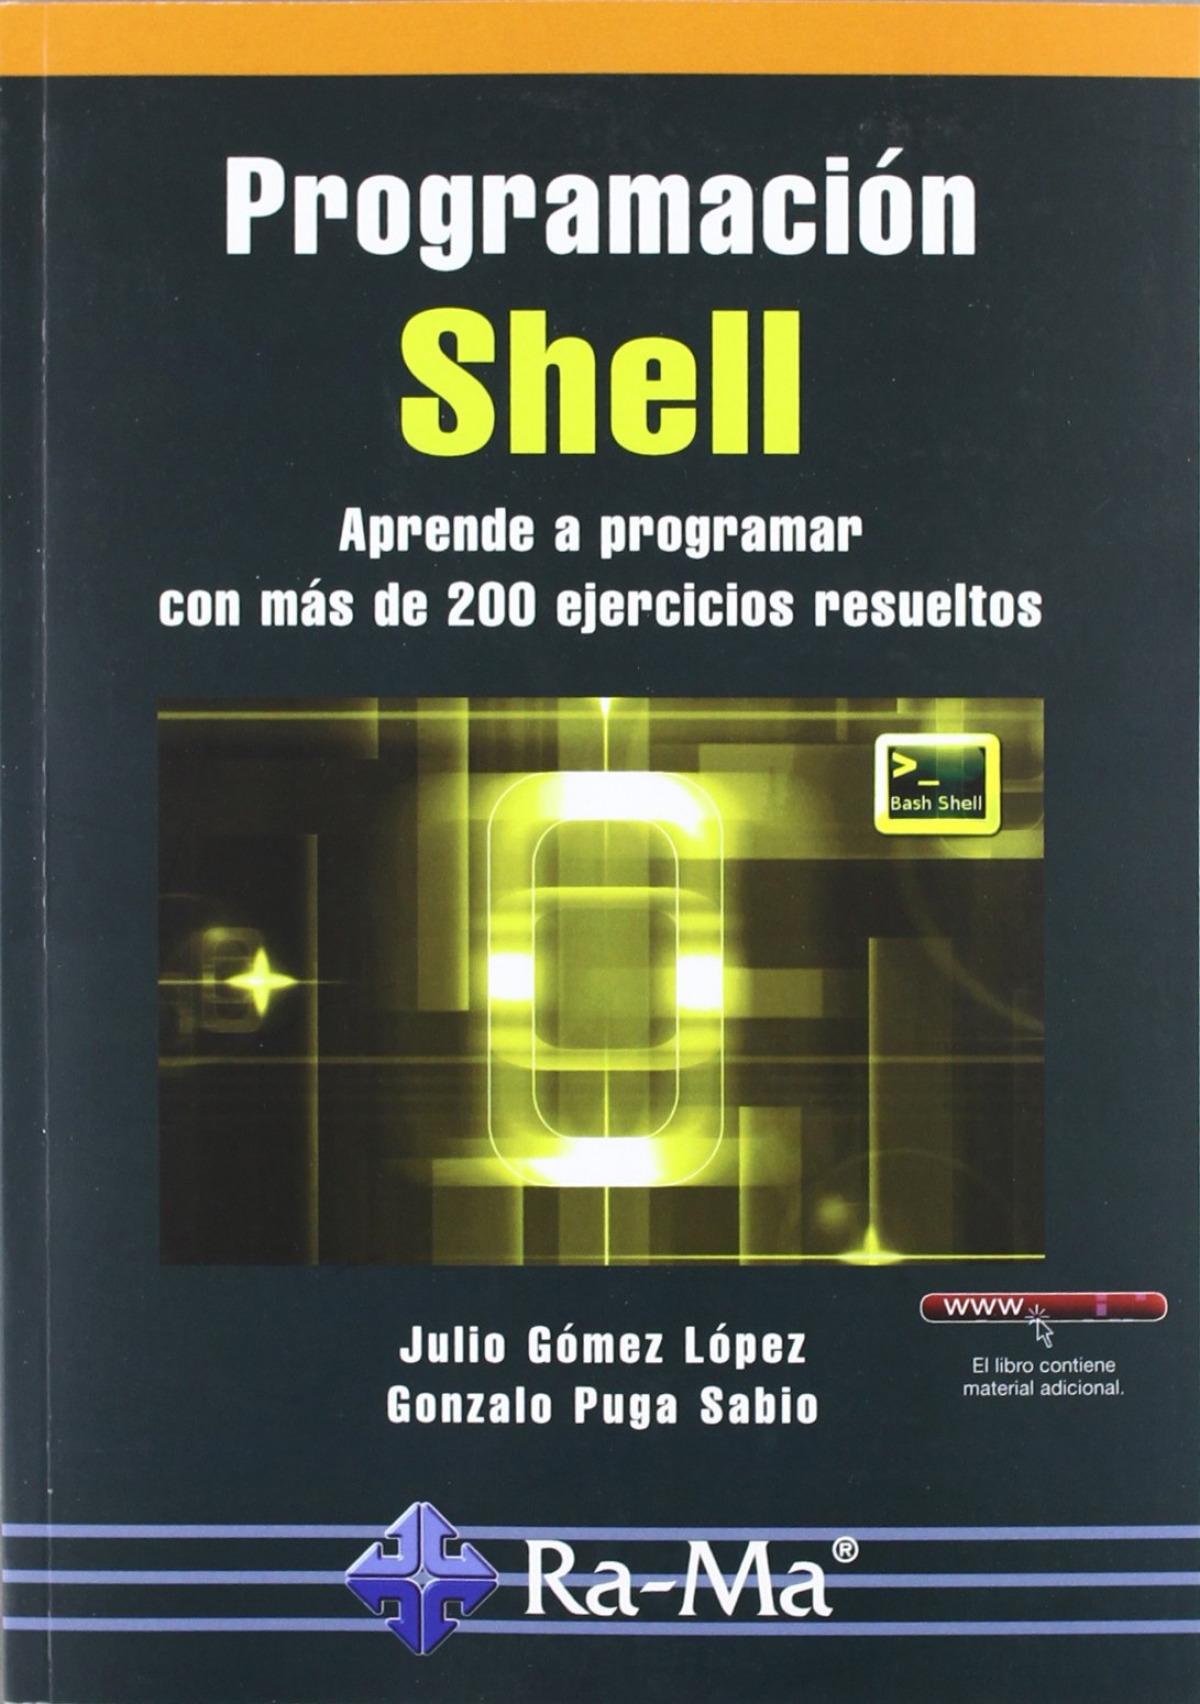 PROGRAMACION SHELL: APRENDE A PROGRAMAR +200 EJERCICIOS 9788499641386